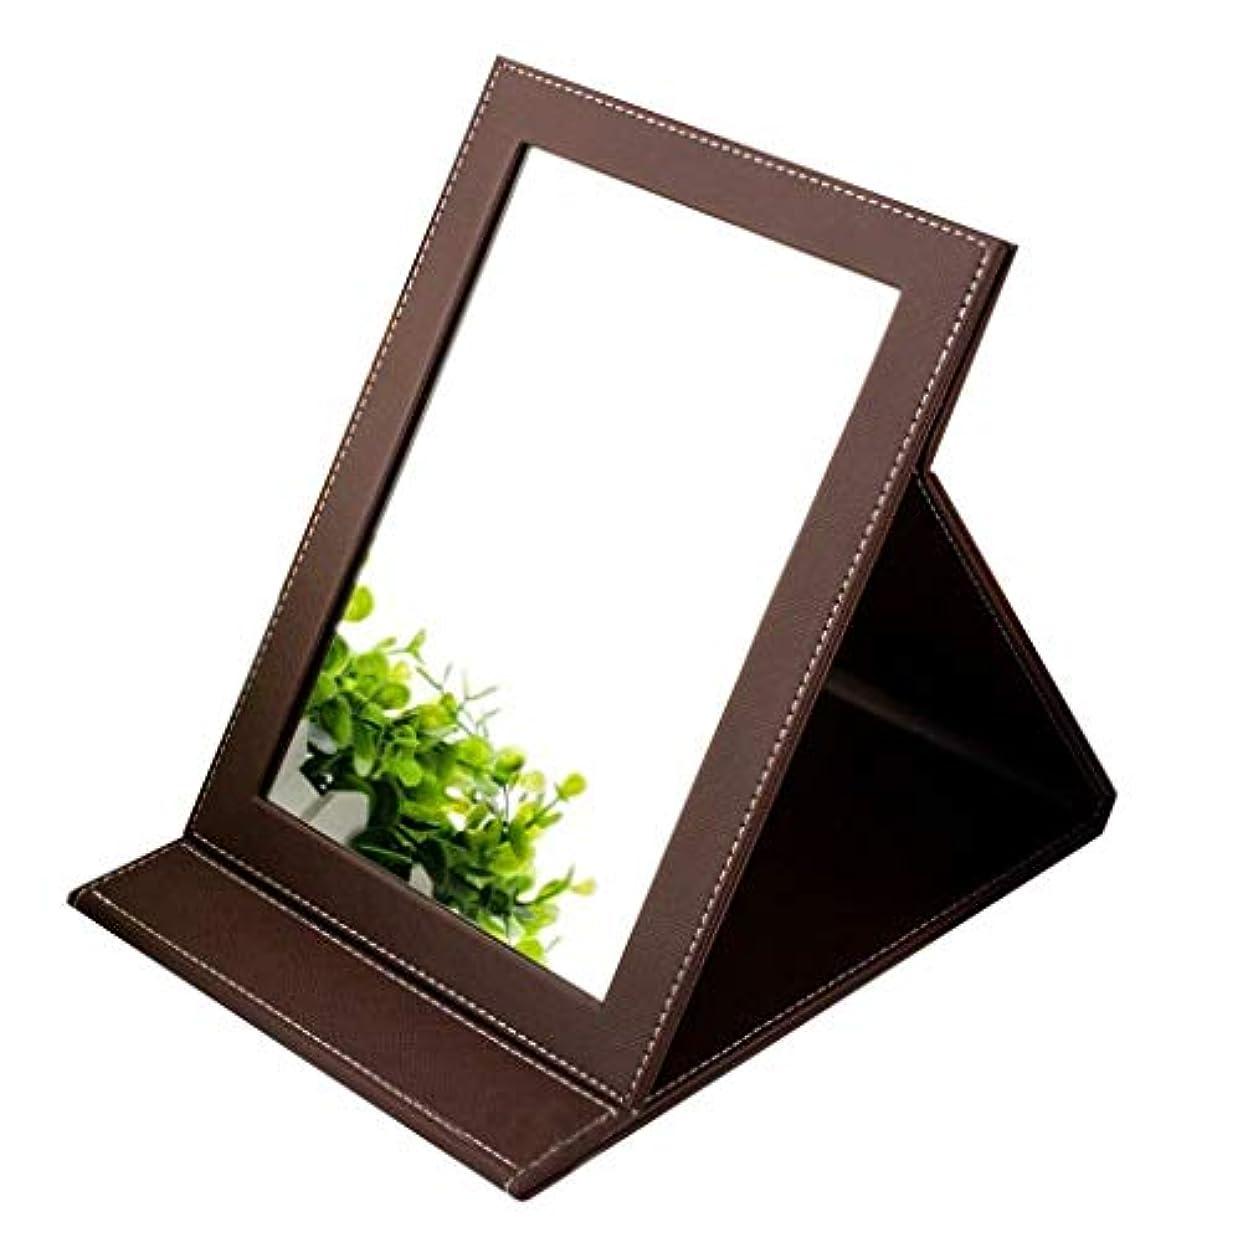 実業家しなやかな気をつけて卓上化粧鏡、 折りたたみ 卓上ミラー PUレザー付き クッションカバー のどの革を使って フレームスタンド - 長方形 (Color : Brown)